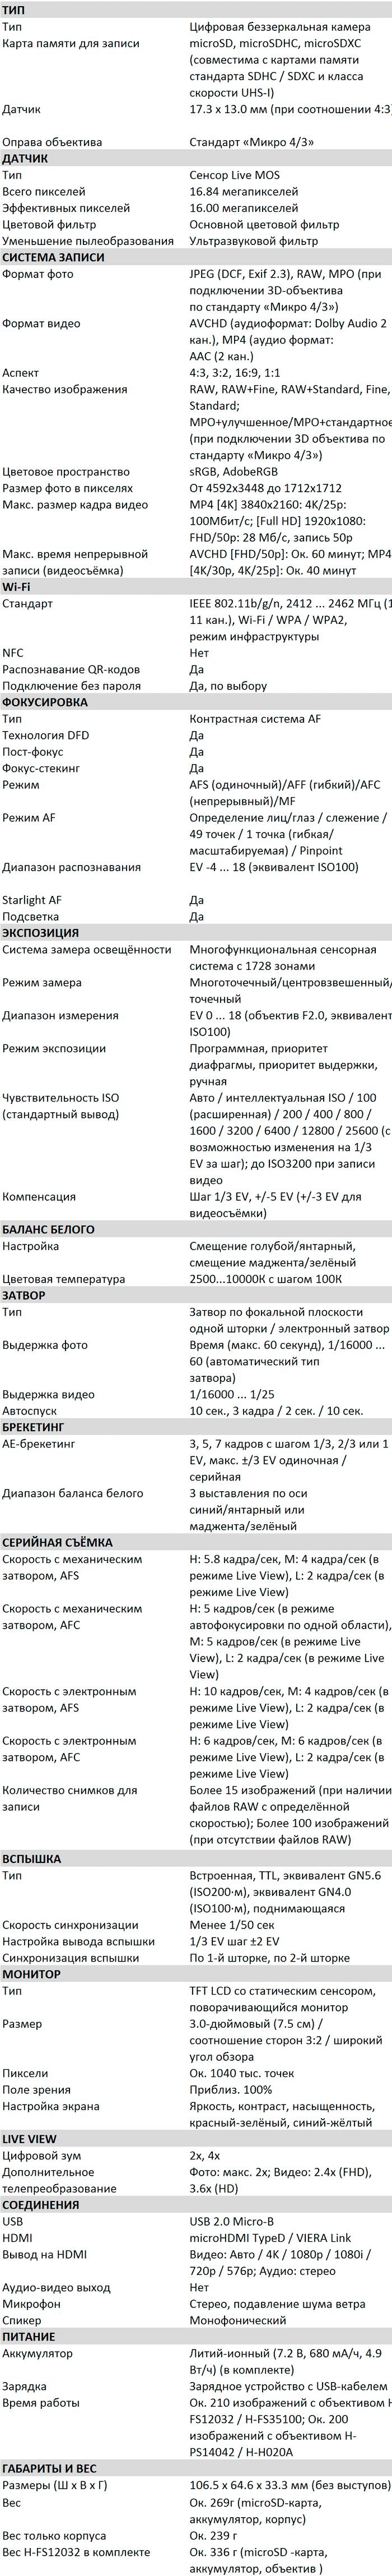 Характеристики DC-GX880